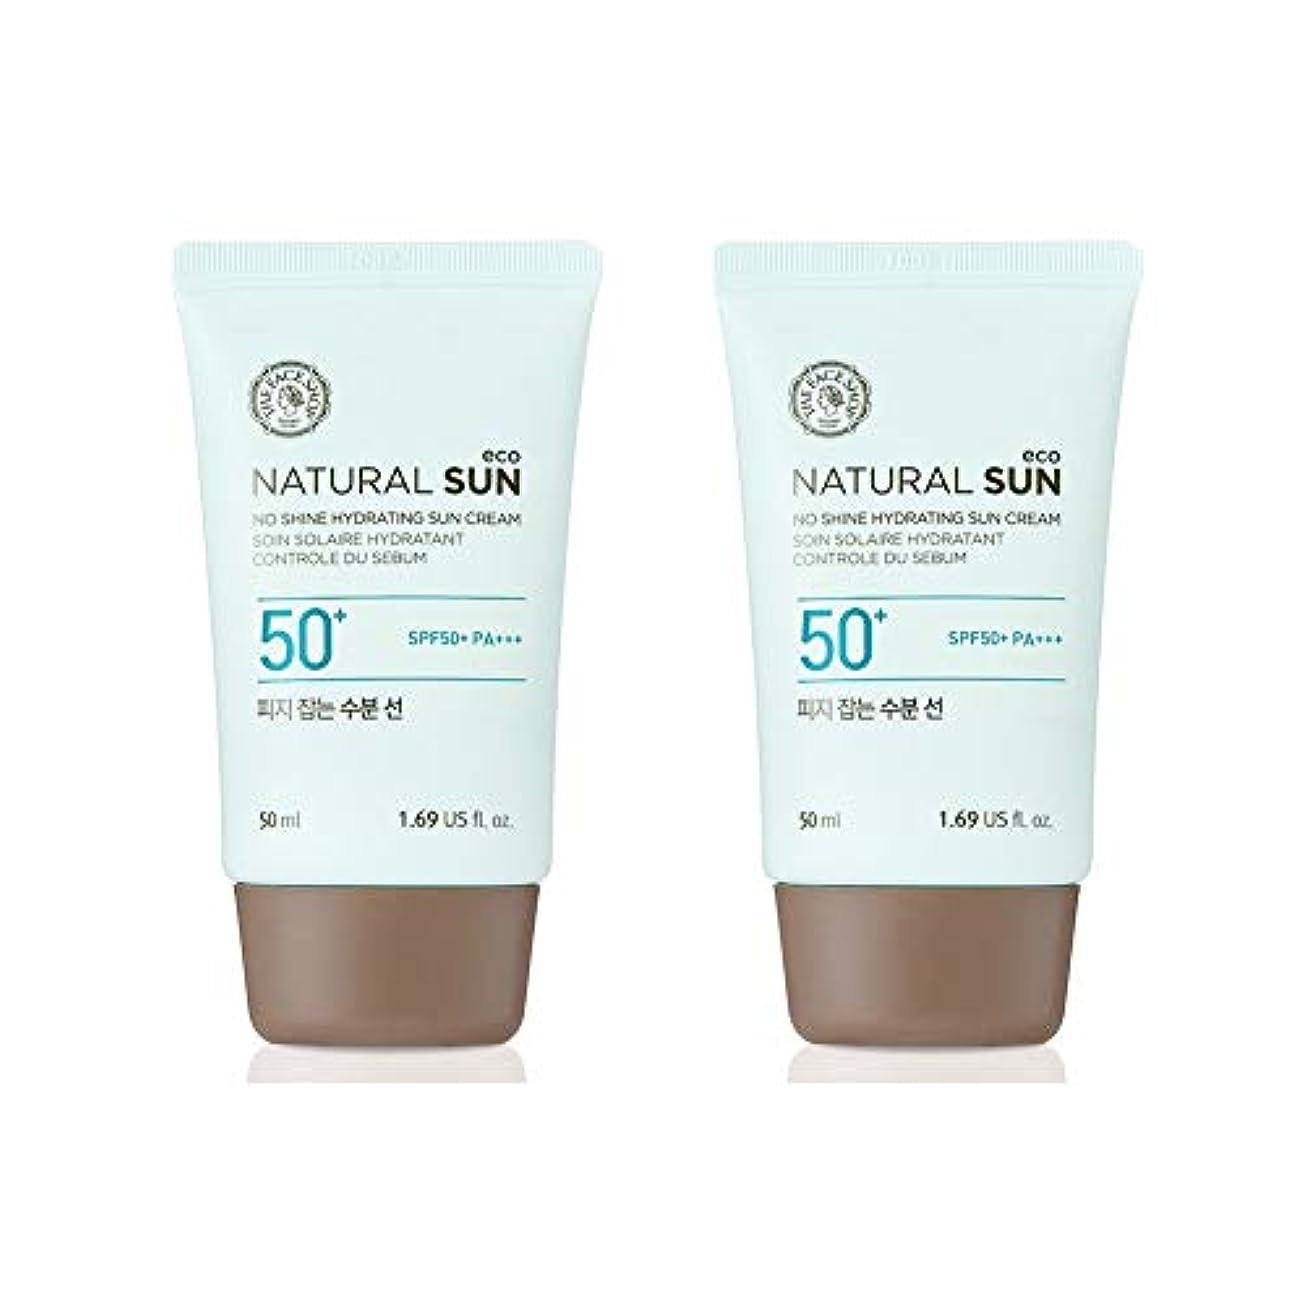 居住者伝説ケーキザ・フェイスショップネチュロルソンエコフィジーサン・クリームSPF50+PA+++50ml x 2本セット韓国コスメ、The Face Shop Natural Sun Eco No Shine Hydrating Sun Cream SPF50+ PA+++ 50ml x 2ea Set Korean Cosmetics [並行輸入品]